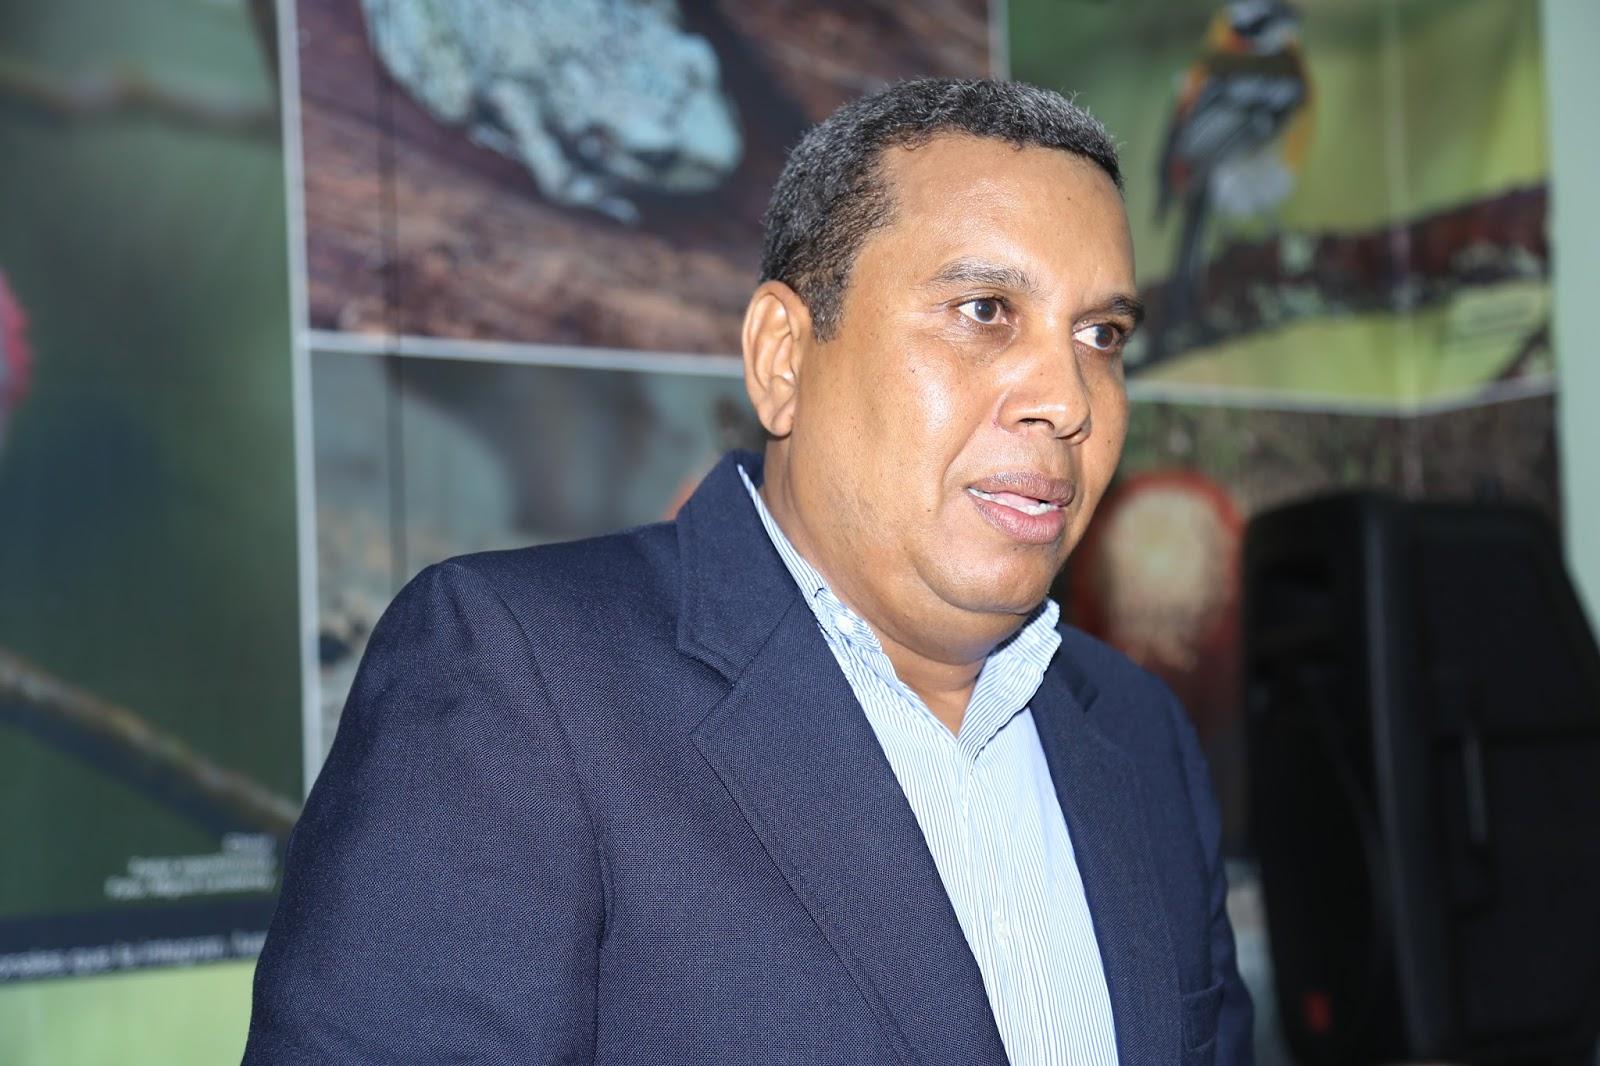 Medio Ambiente: Asociación Ecológica de Cabral debe investigar acciones que realiza el ministerio en su municipio y no ser espectadora